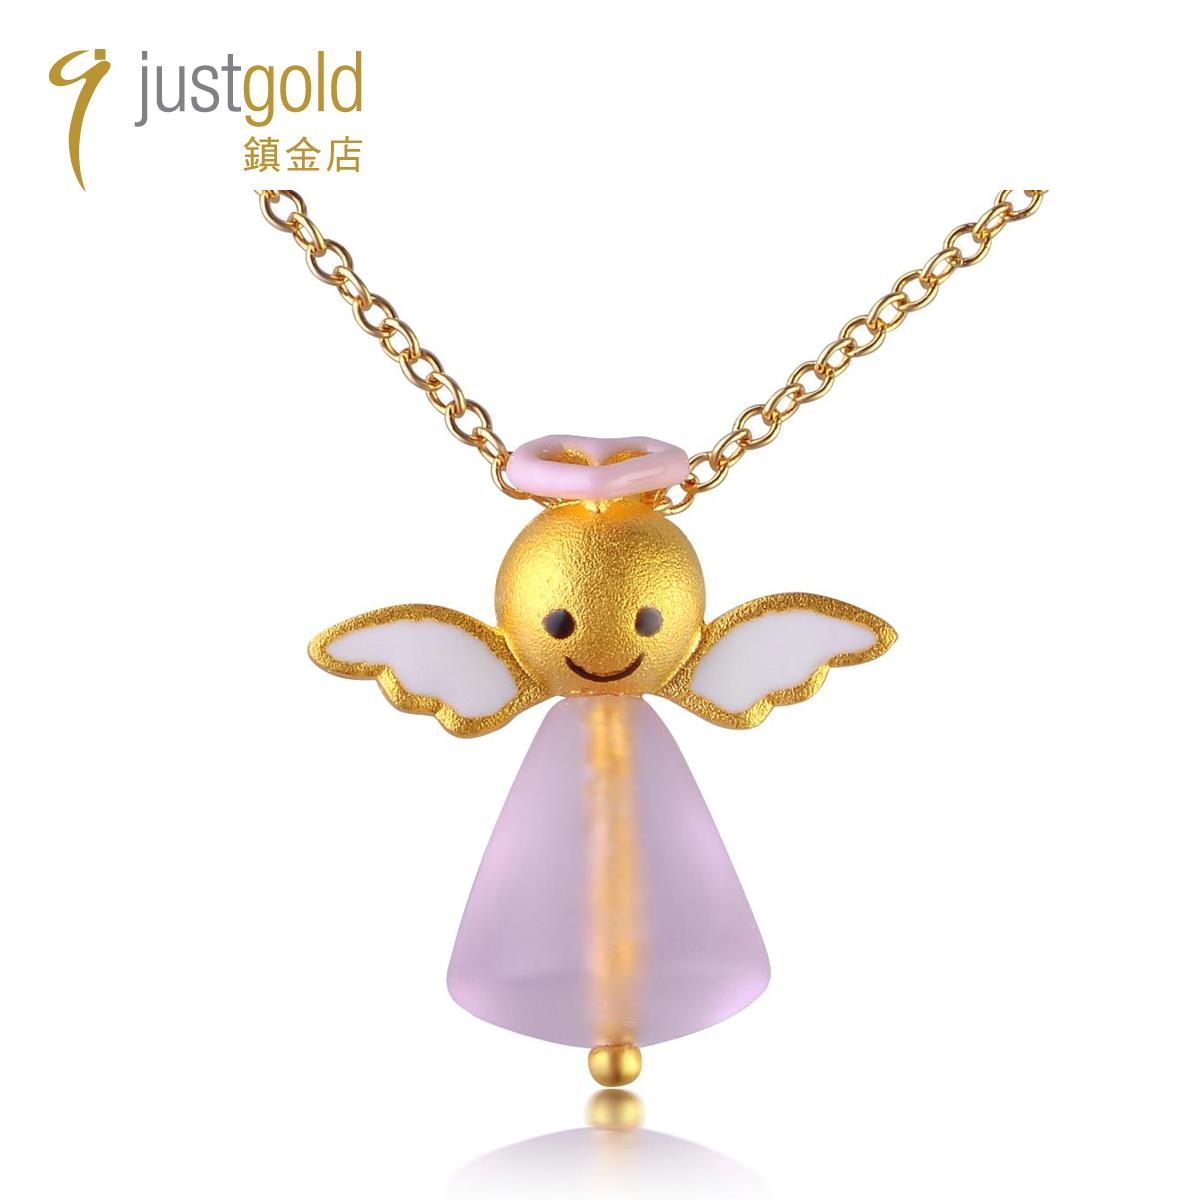 粉紅天使: 999.9純金釉彩及琉璃吊墜